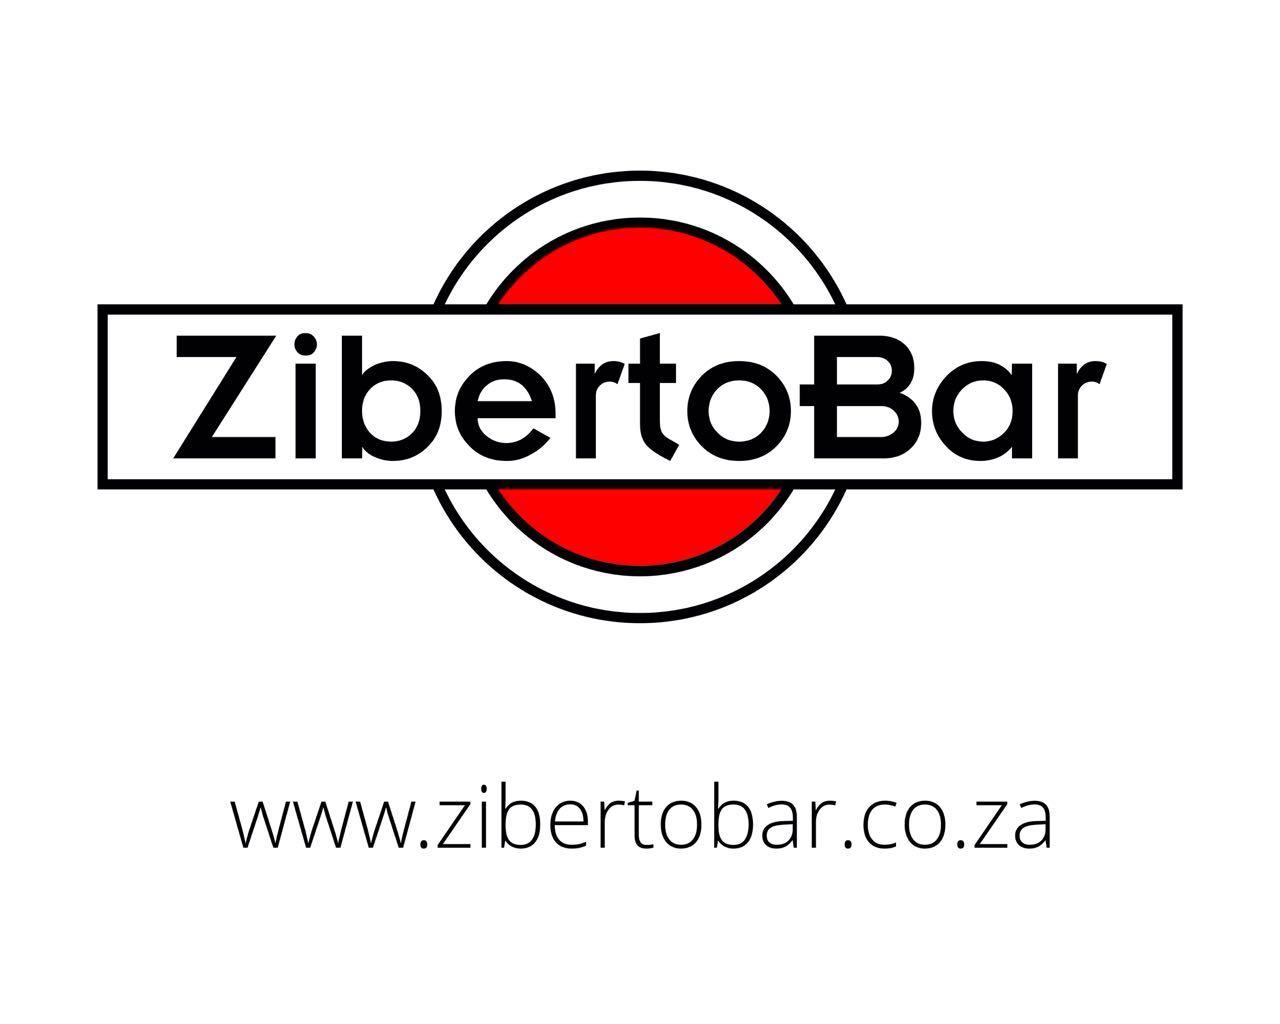 ZibertoBar